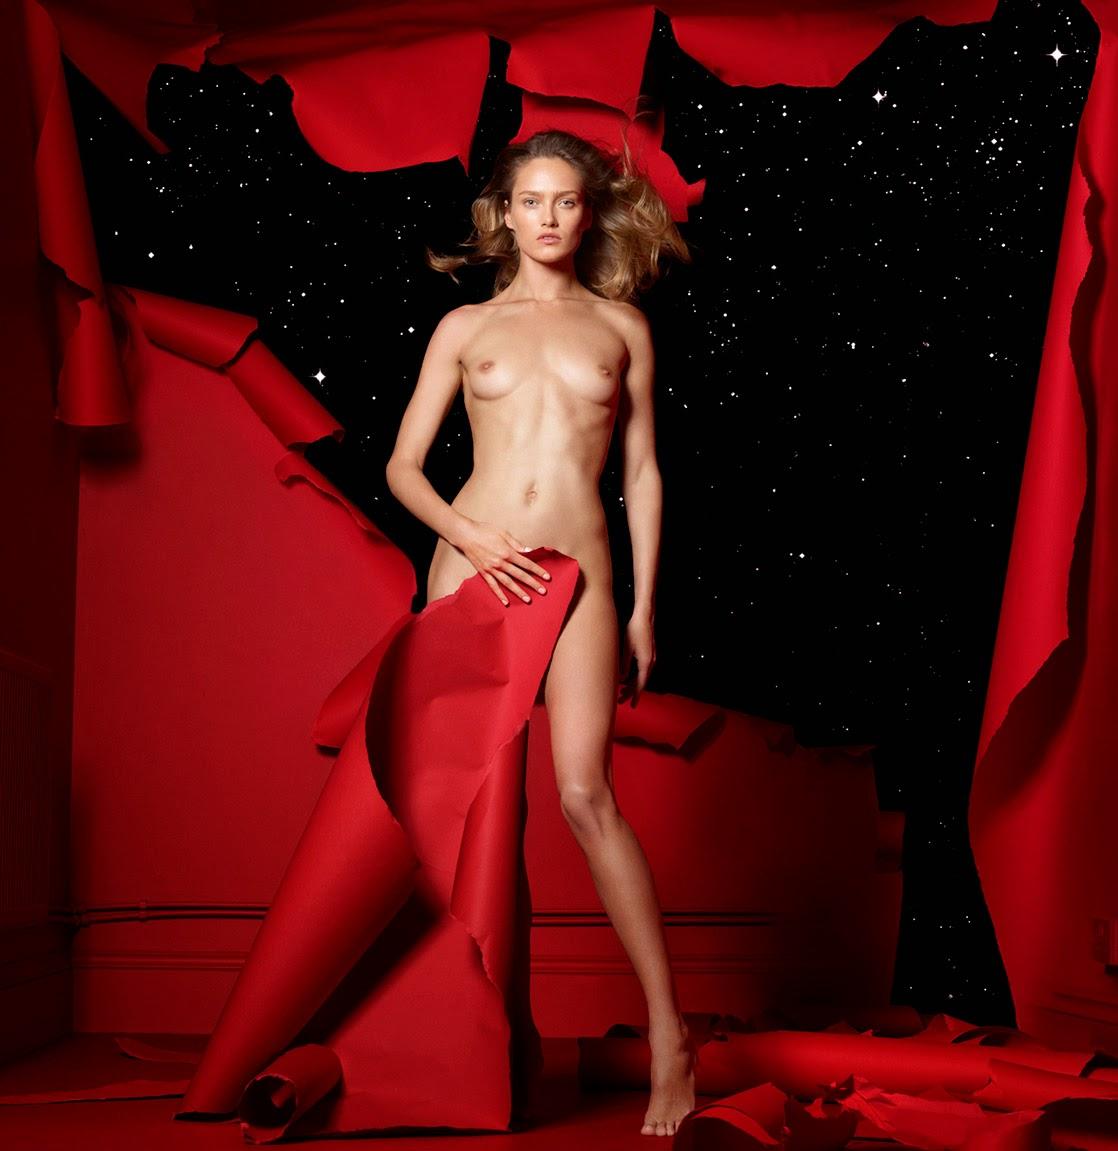 http://2.bp.blogspot.com/-sg2wFAvCKq0/Uy1CvScX5CI/AAAAAAAA1n8/3xxgfoniBuc/s1600/%25C2%25A9Cuneyt+Akeroglu+-+The+Red+Room+Project-011.jpg